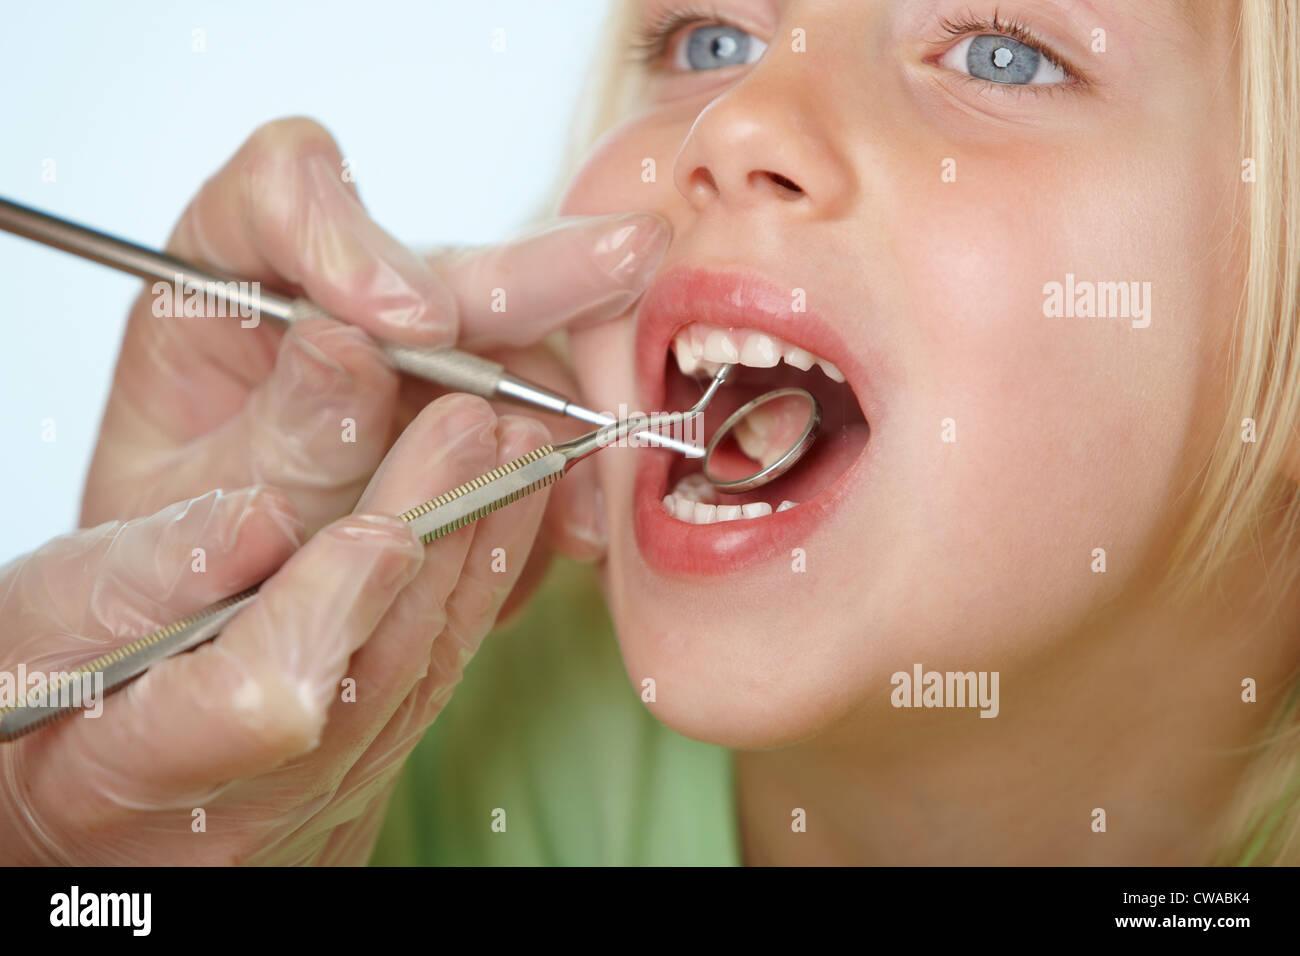 Ragazza avente dental check up Immagini Stock